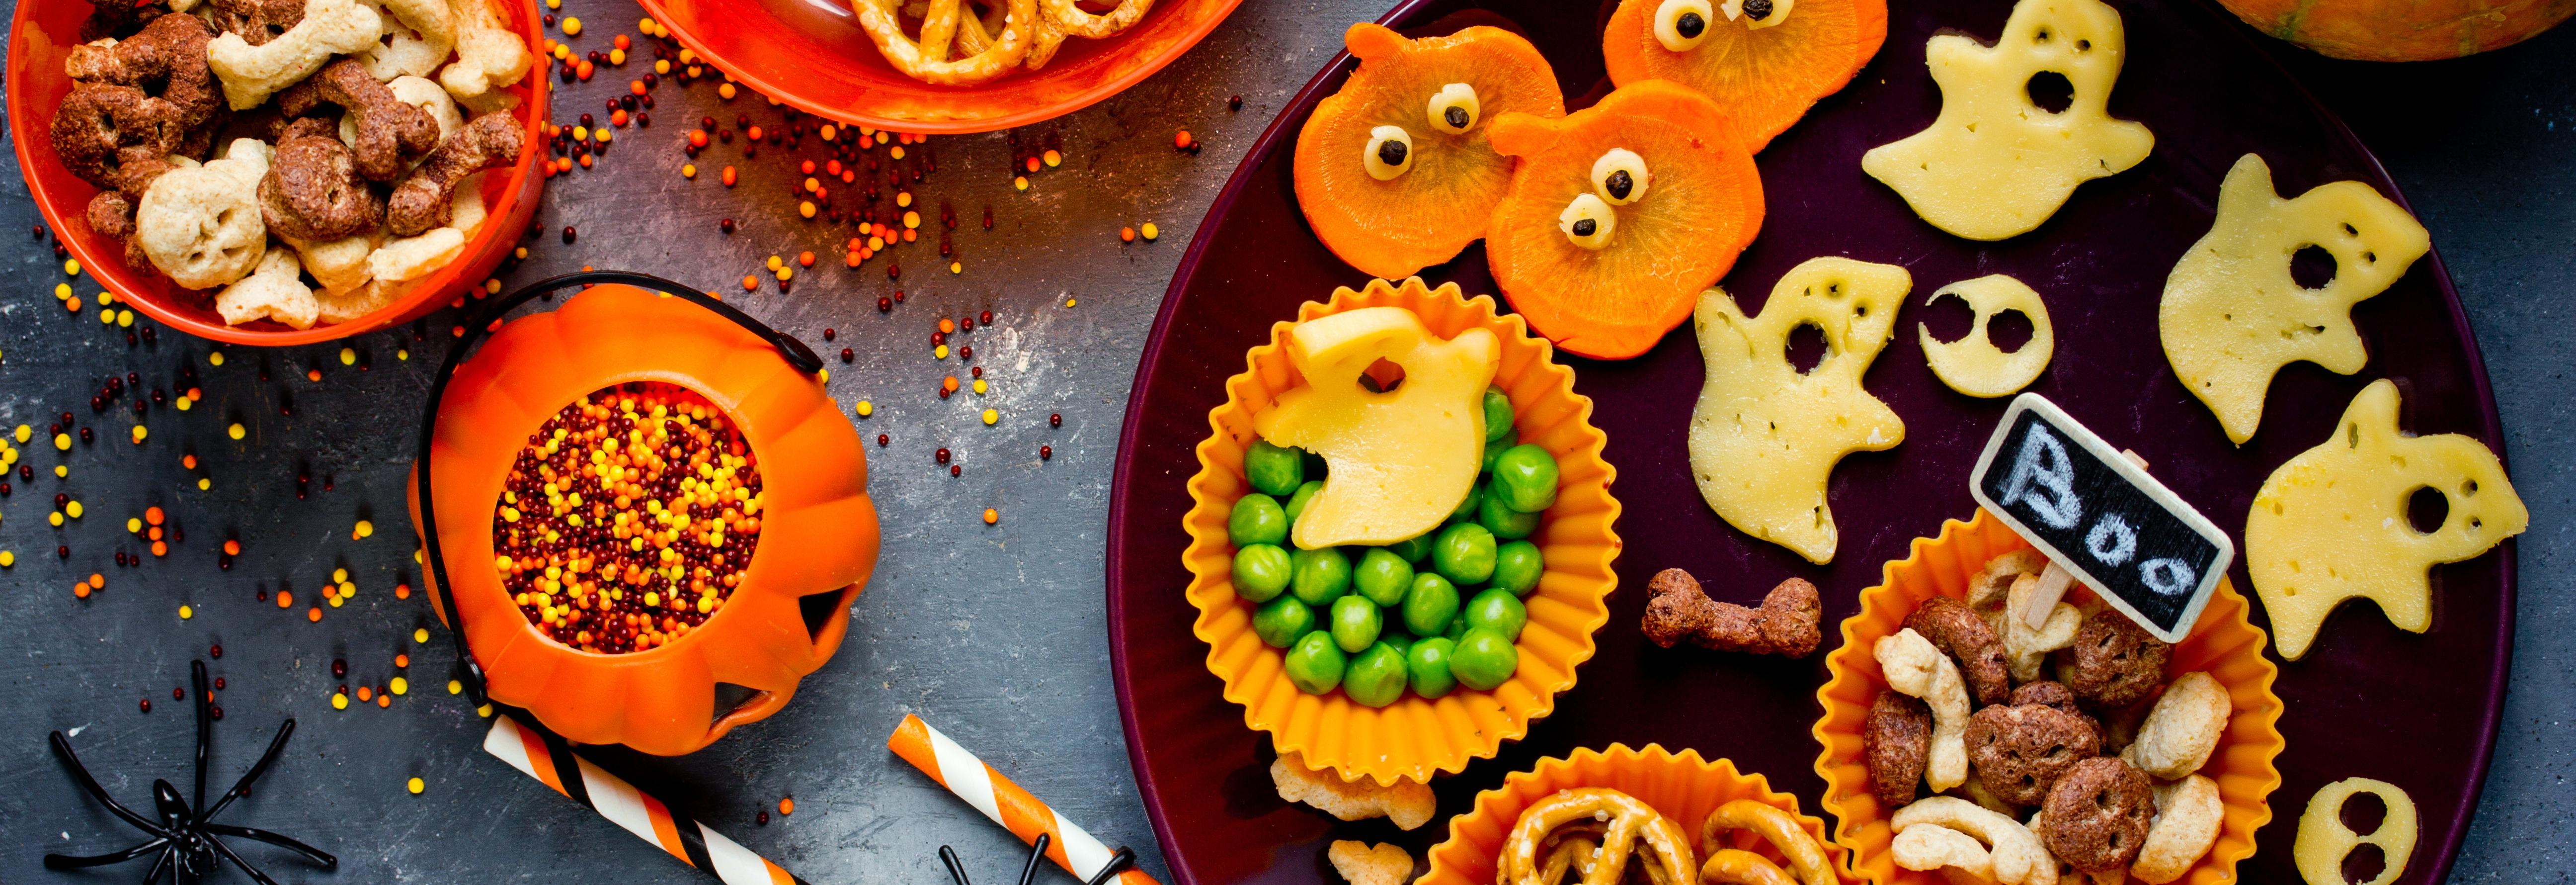 halloween treats and recipes